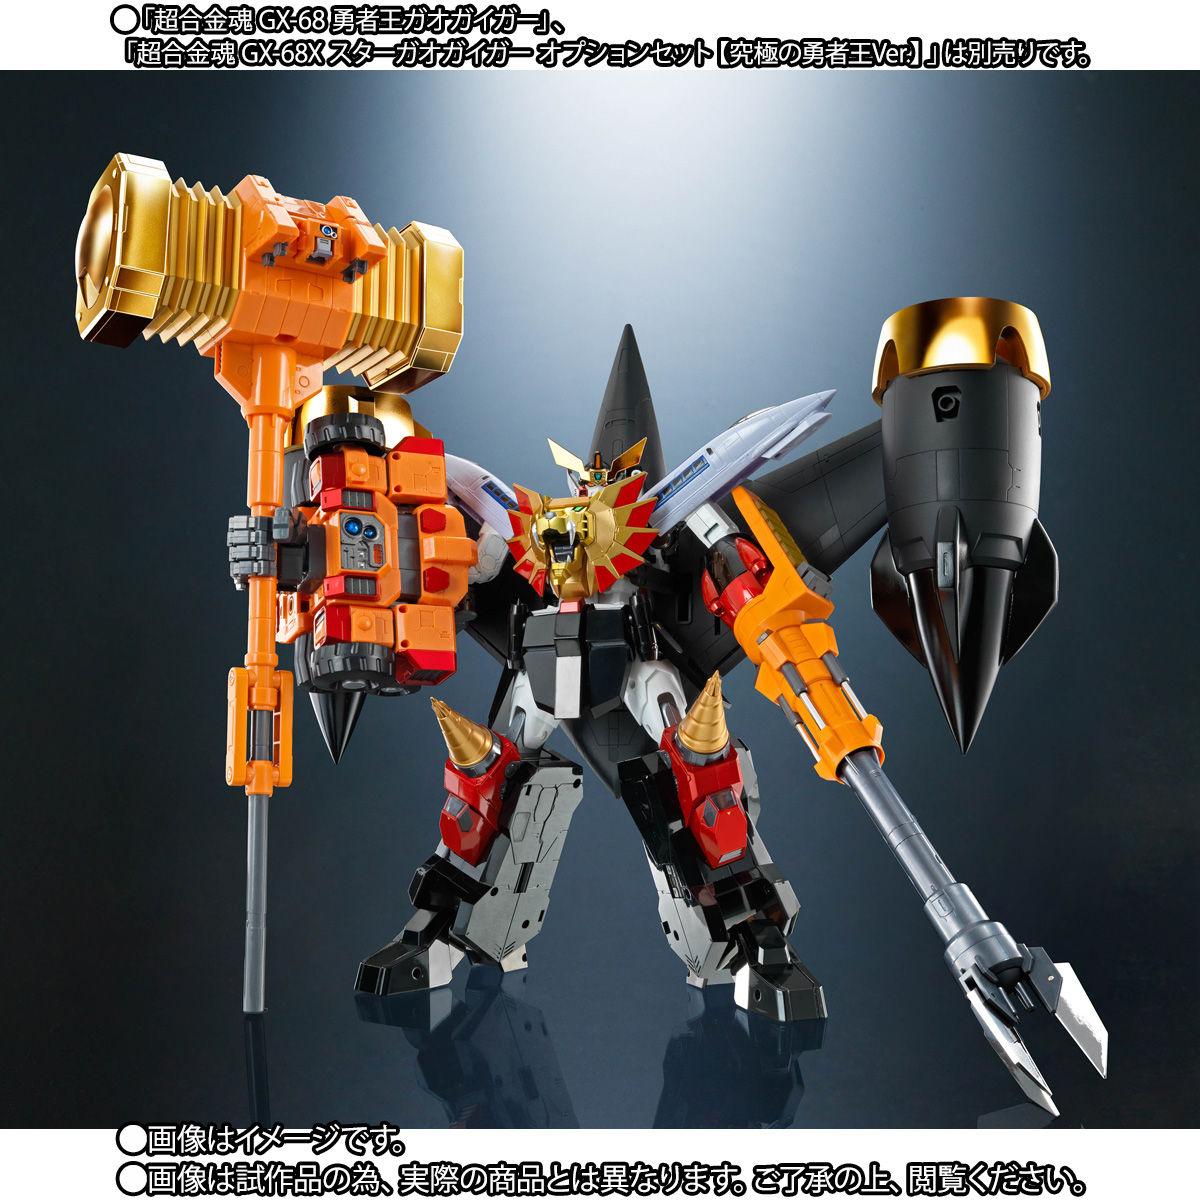 【限定販売】超合金魂『GX-69R ゴルディーマーグ【究極の勇者王Ver.】』可動フィギュア-002